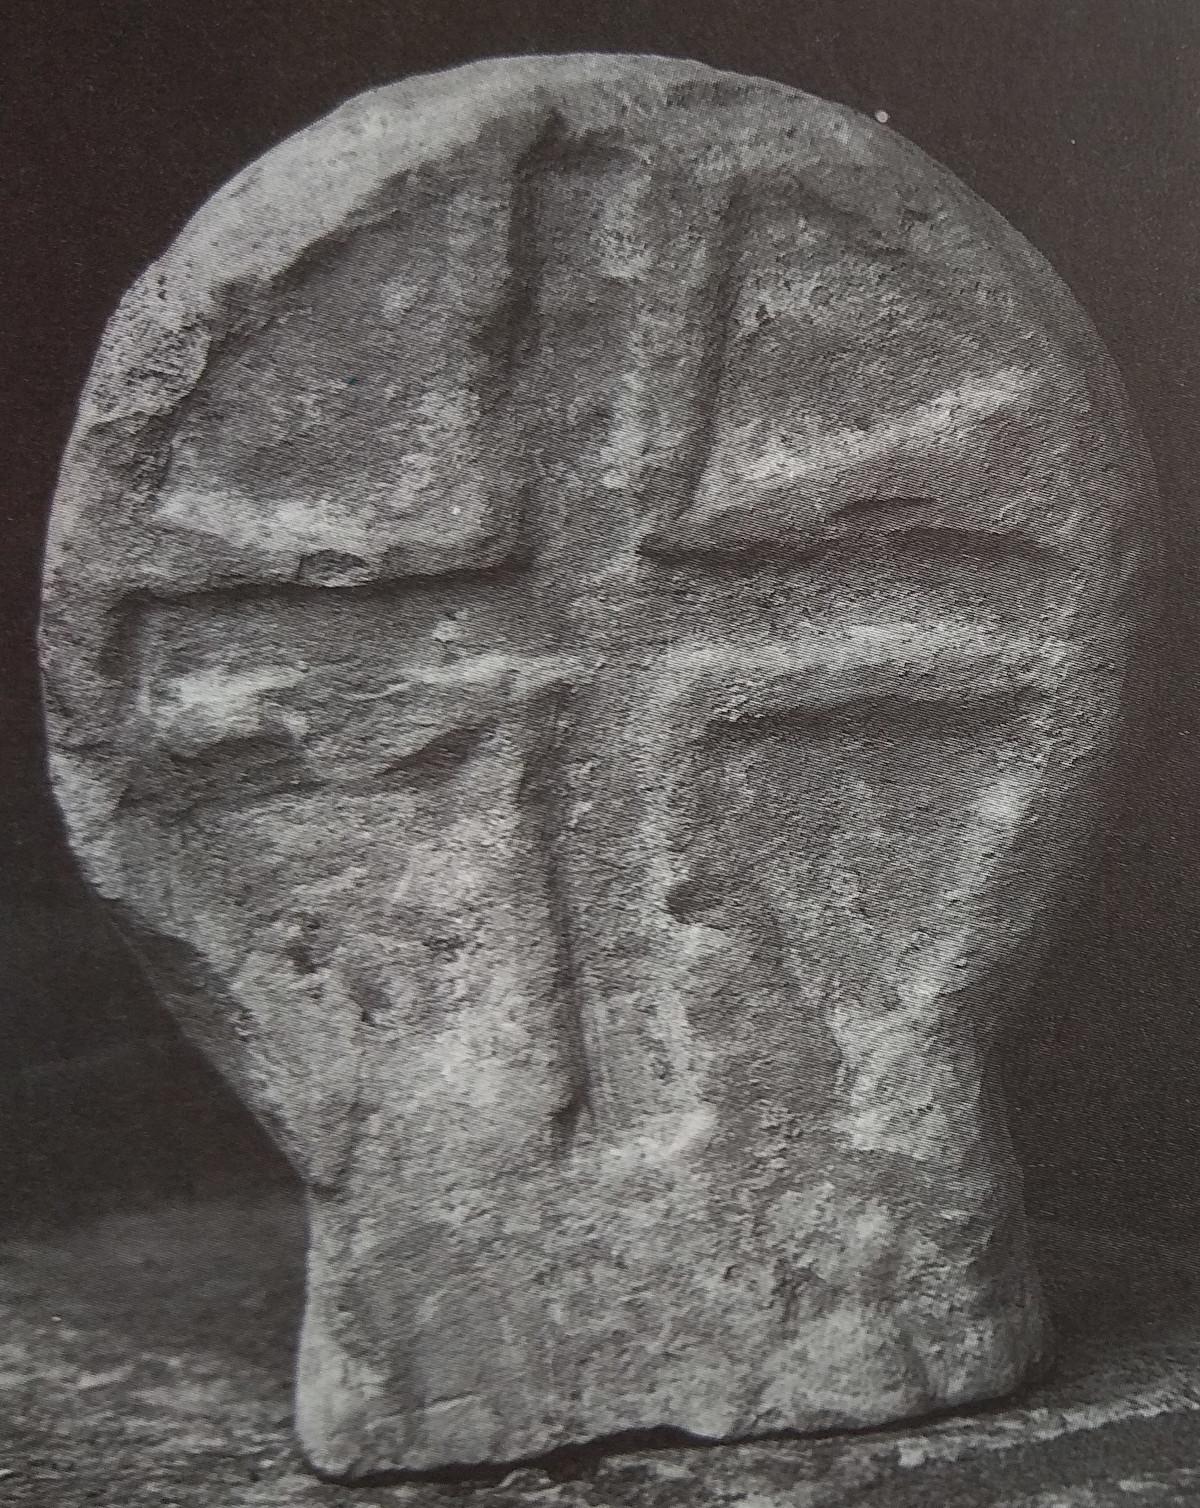 Estela altomedieval procedente de Santa Cecilia